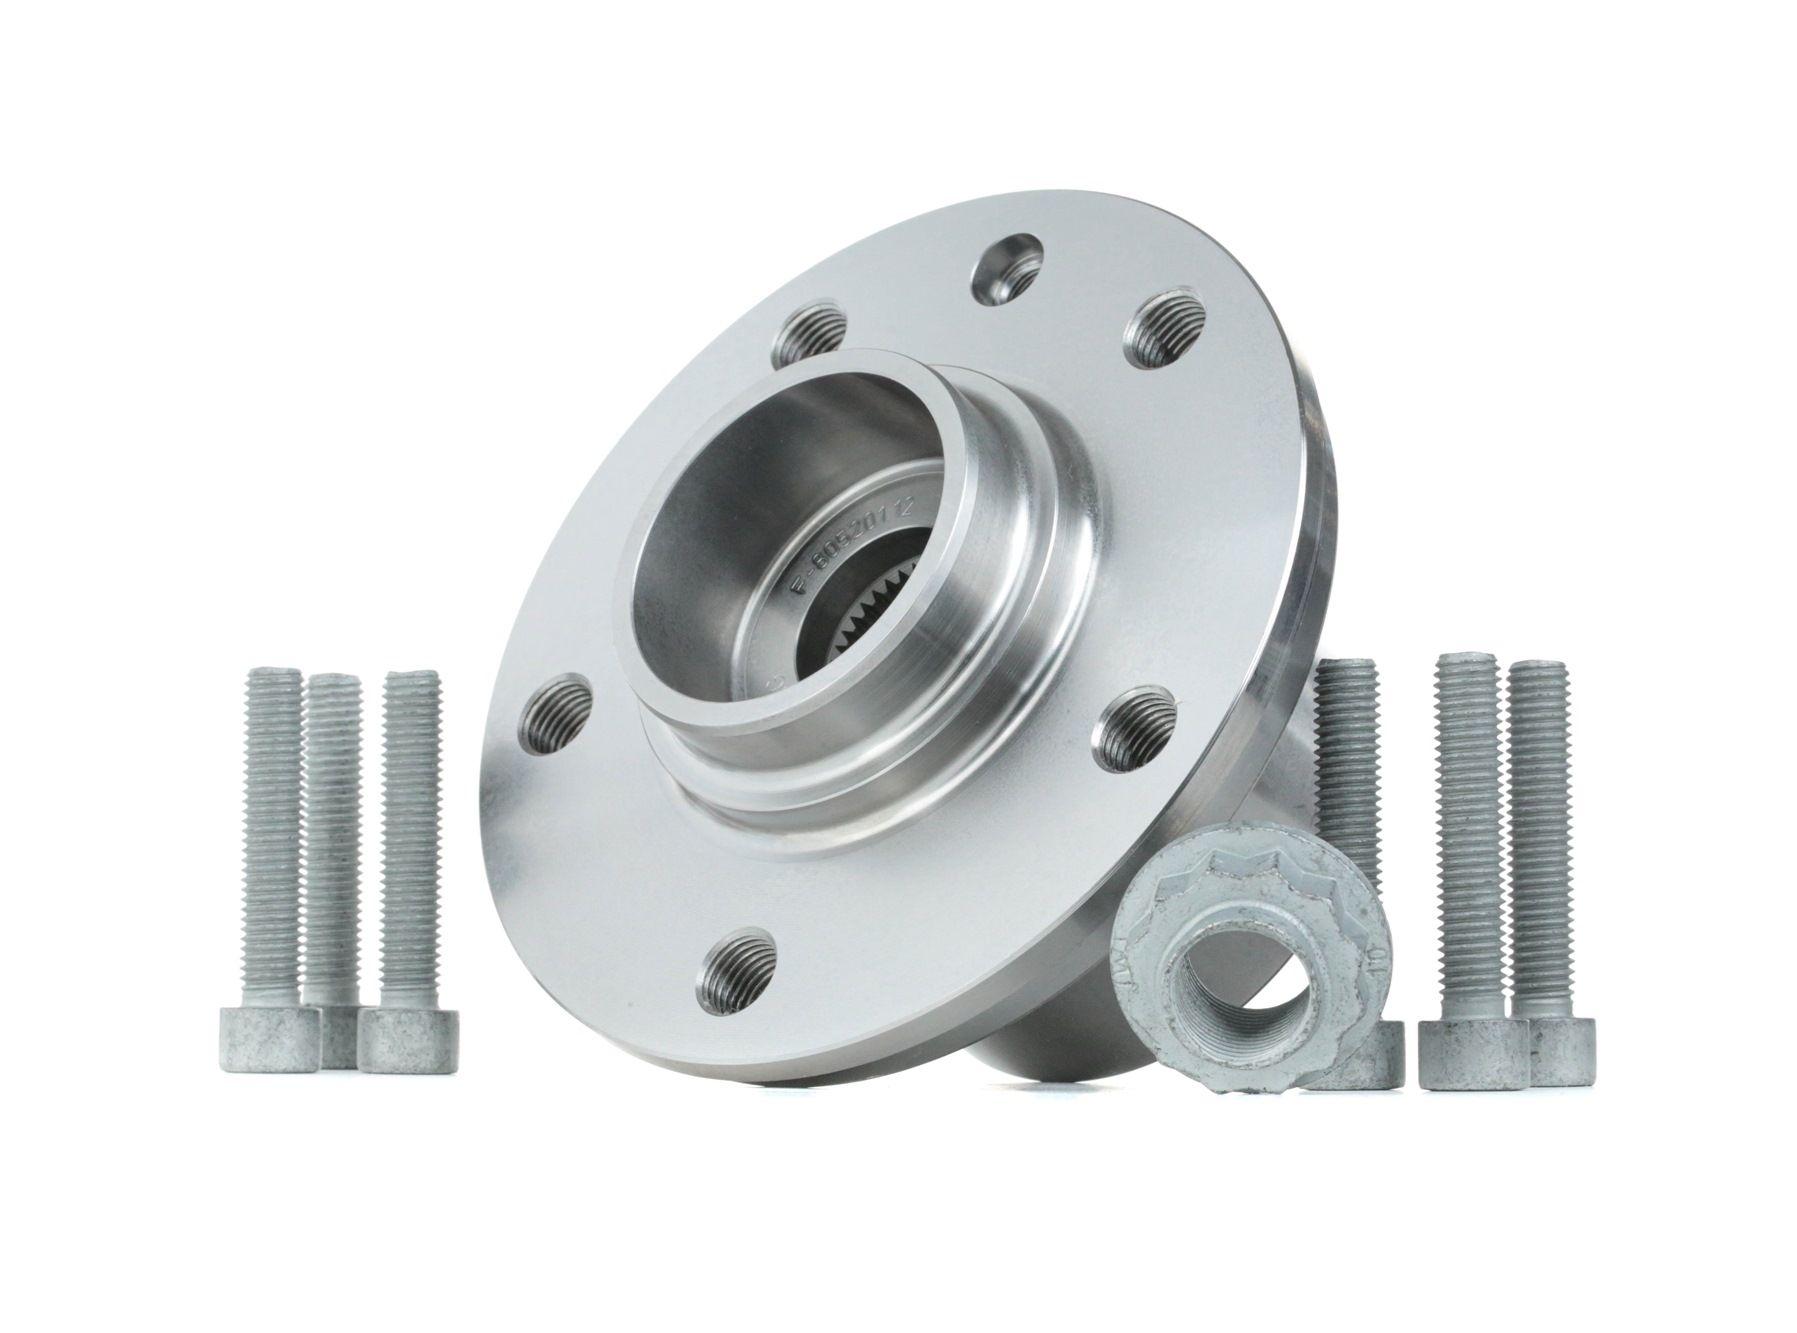 Radlager & Radlagersatz SNR R154.62 Bewertung